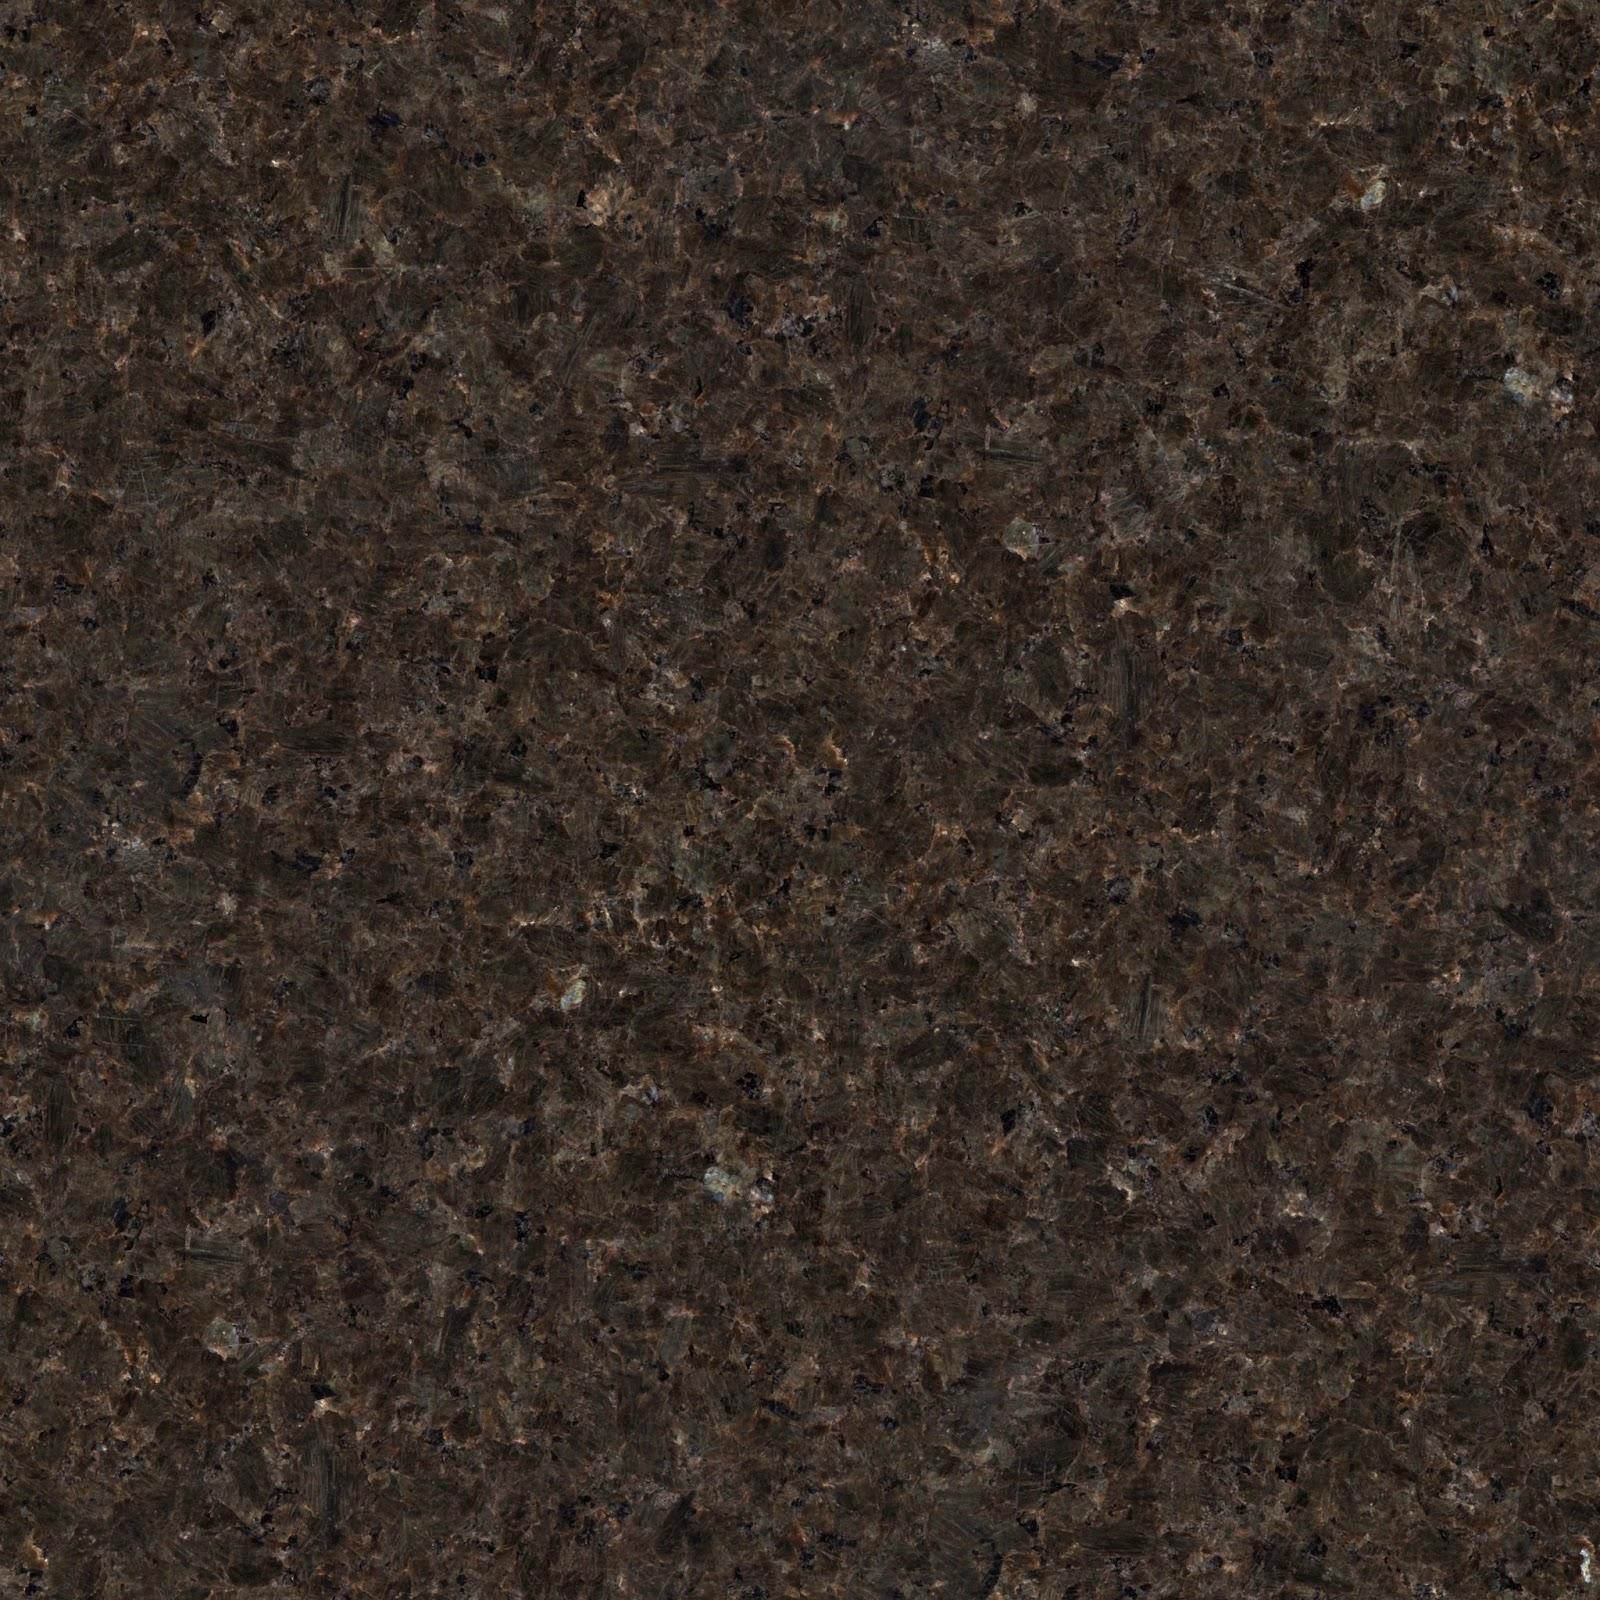 Dark Brown Granite Texture